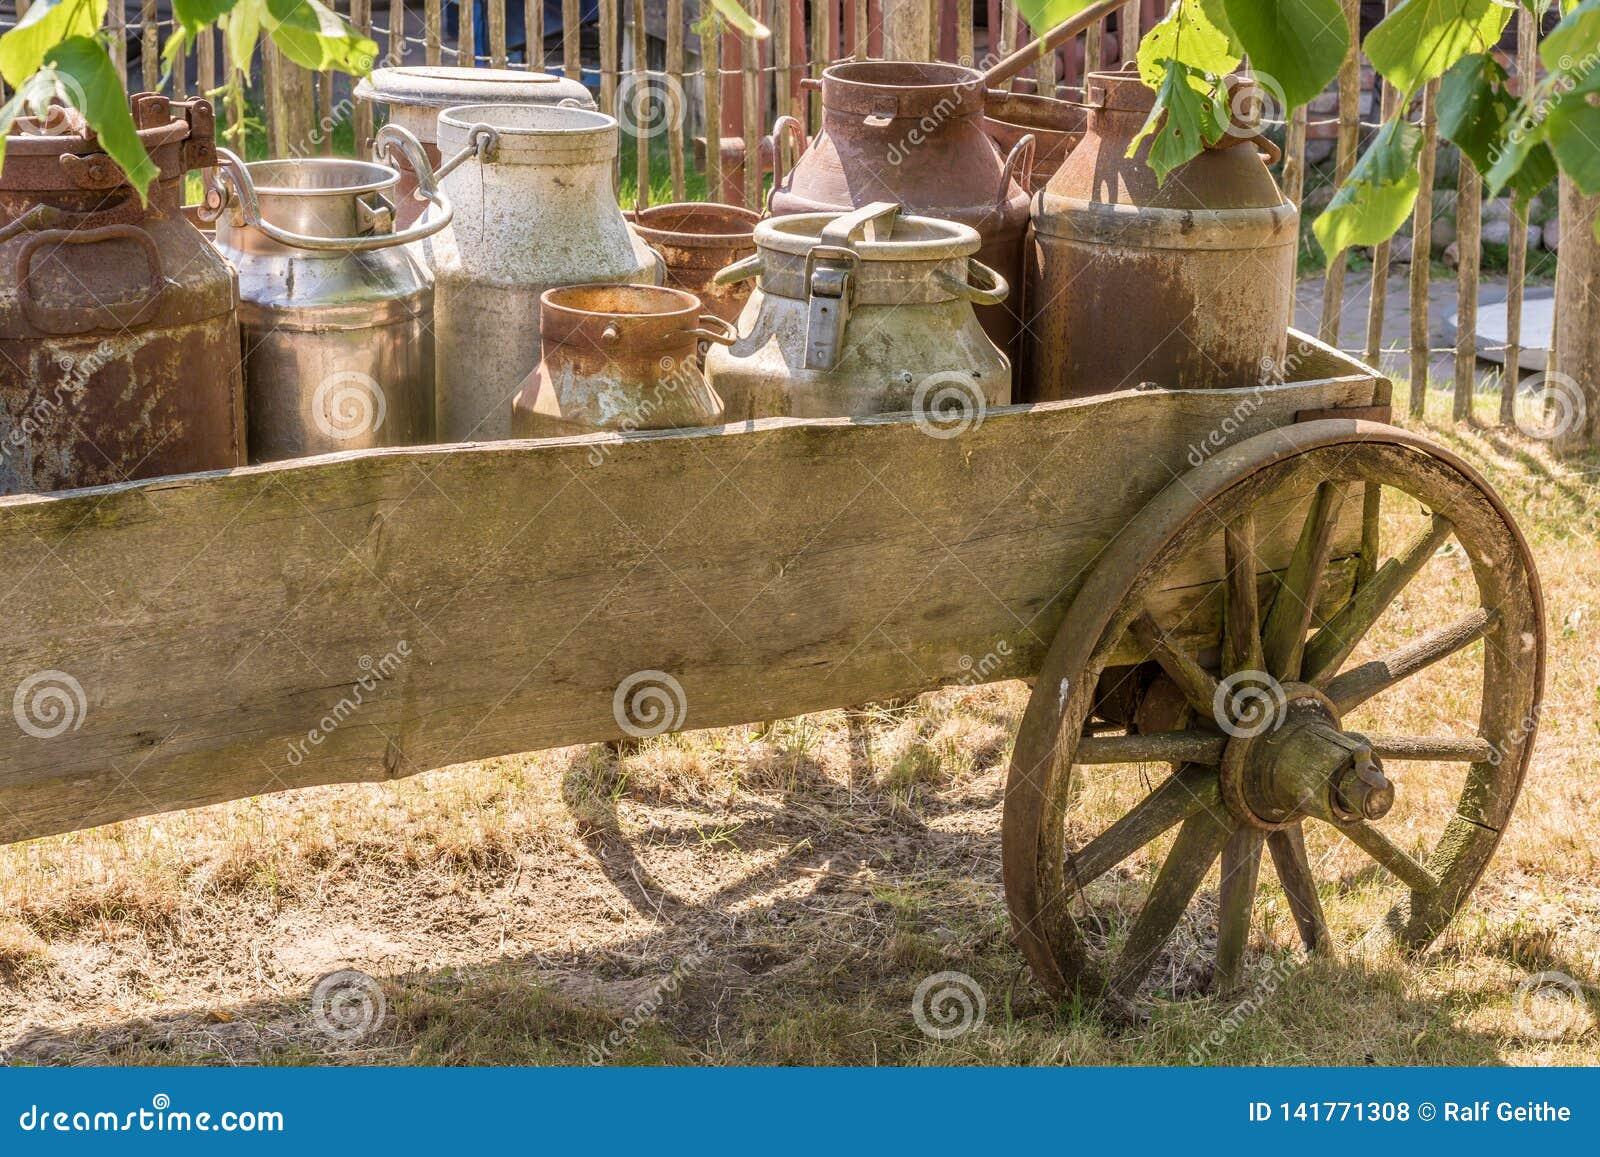 Vieux chariot avec des bidons à lait chargés comme décoration sur une ferme